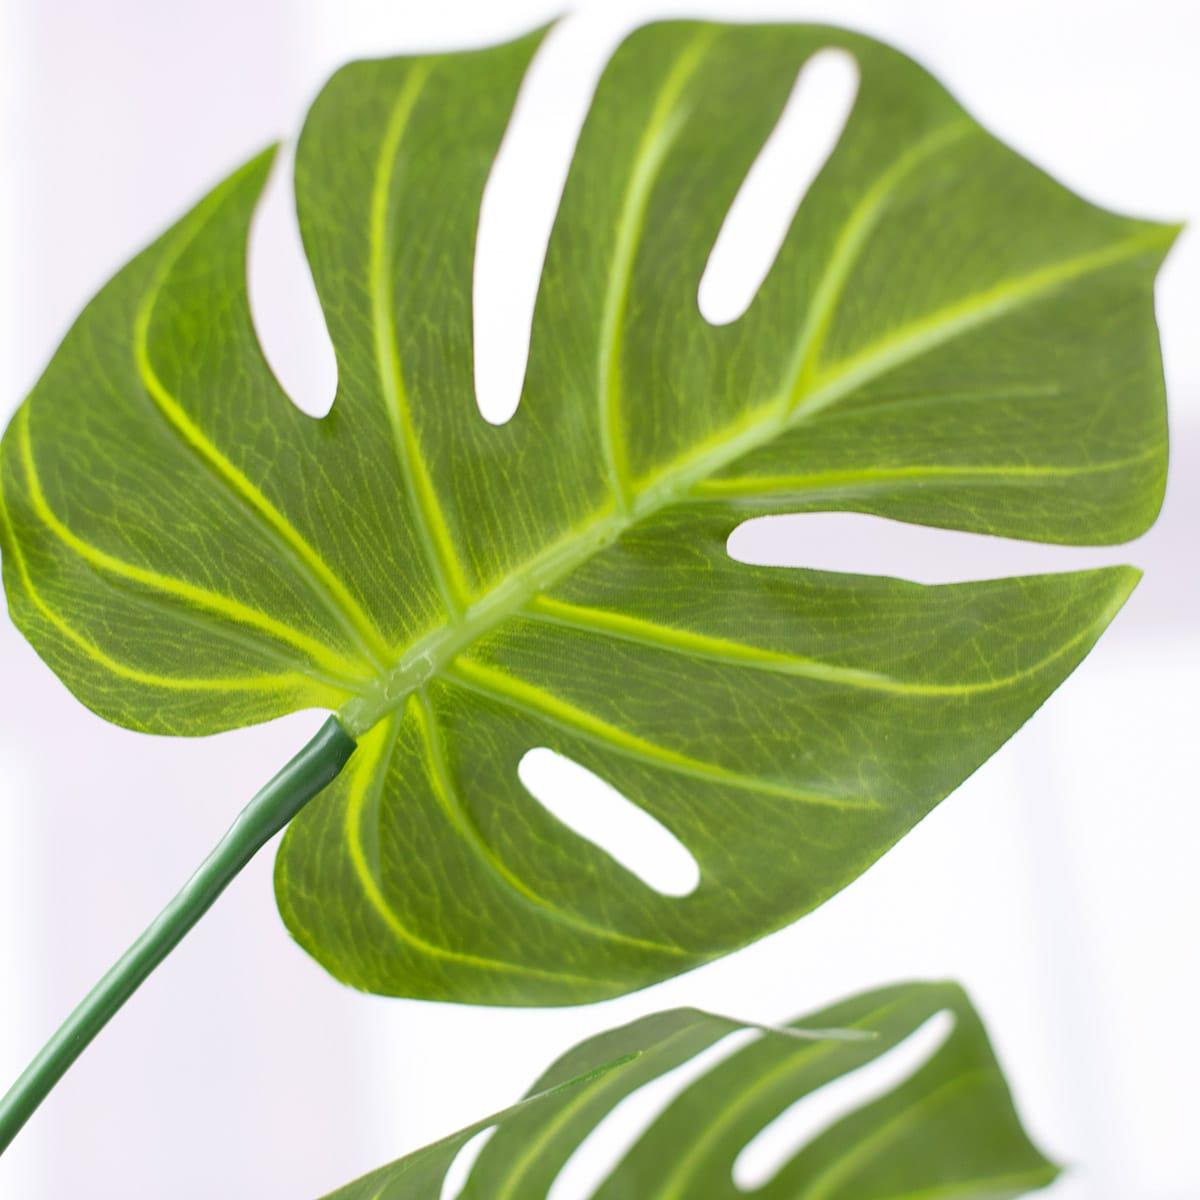 잎사귀 아래쪽 디테일 이미지